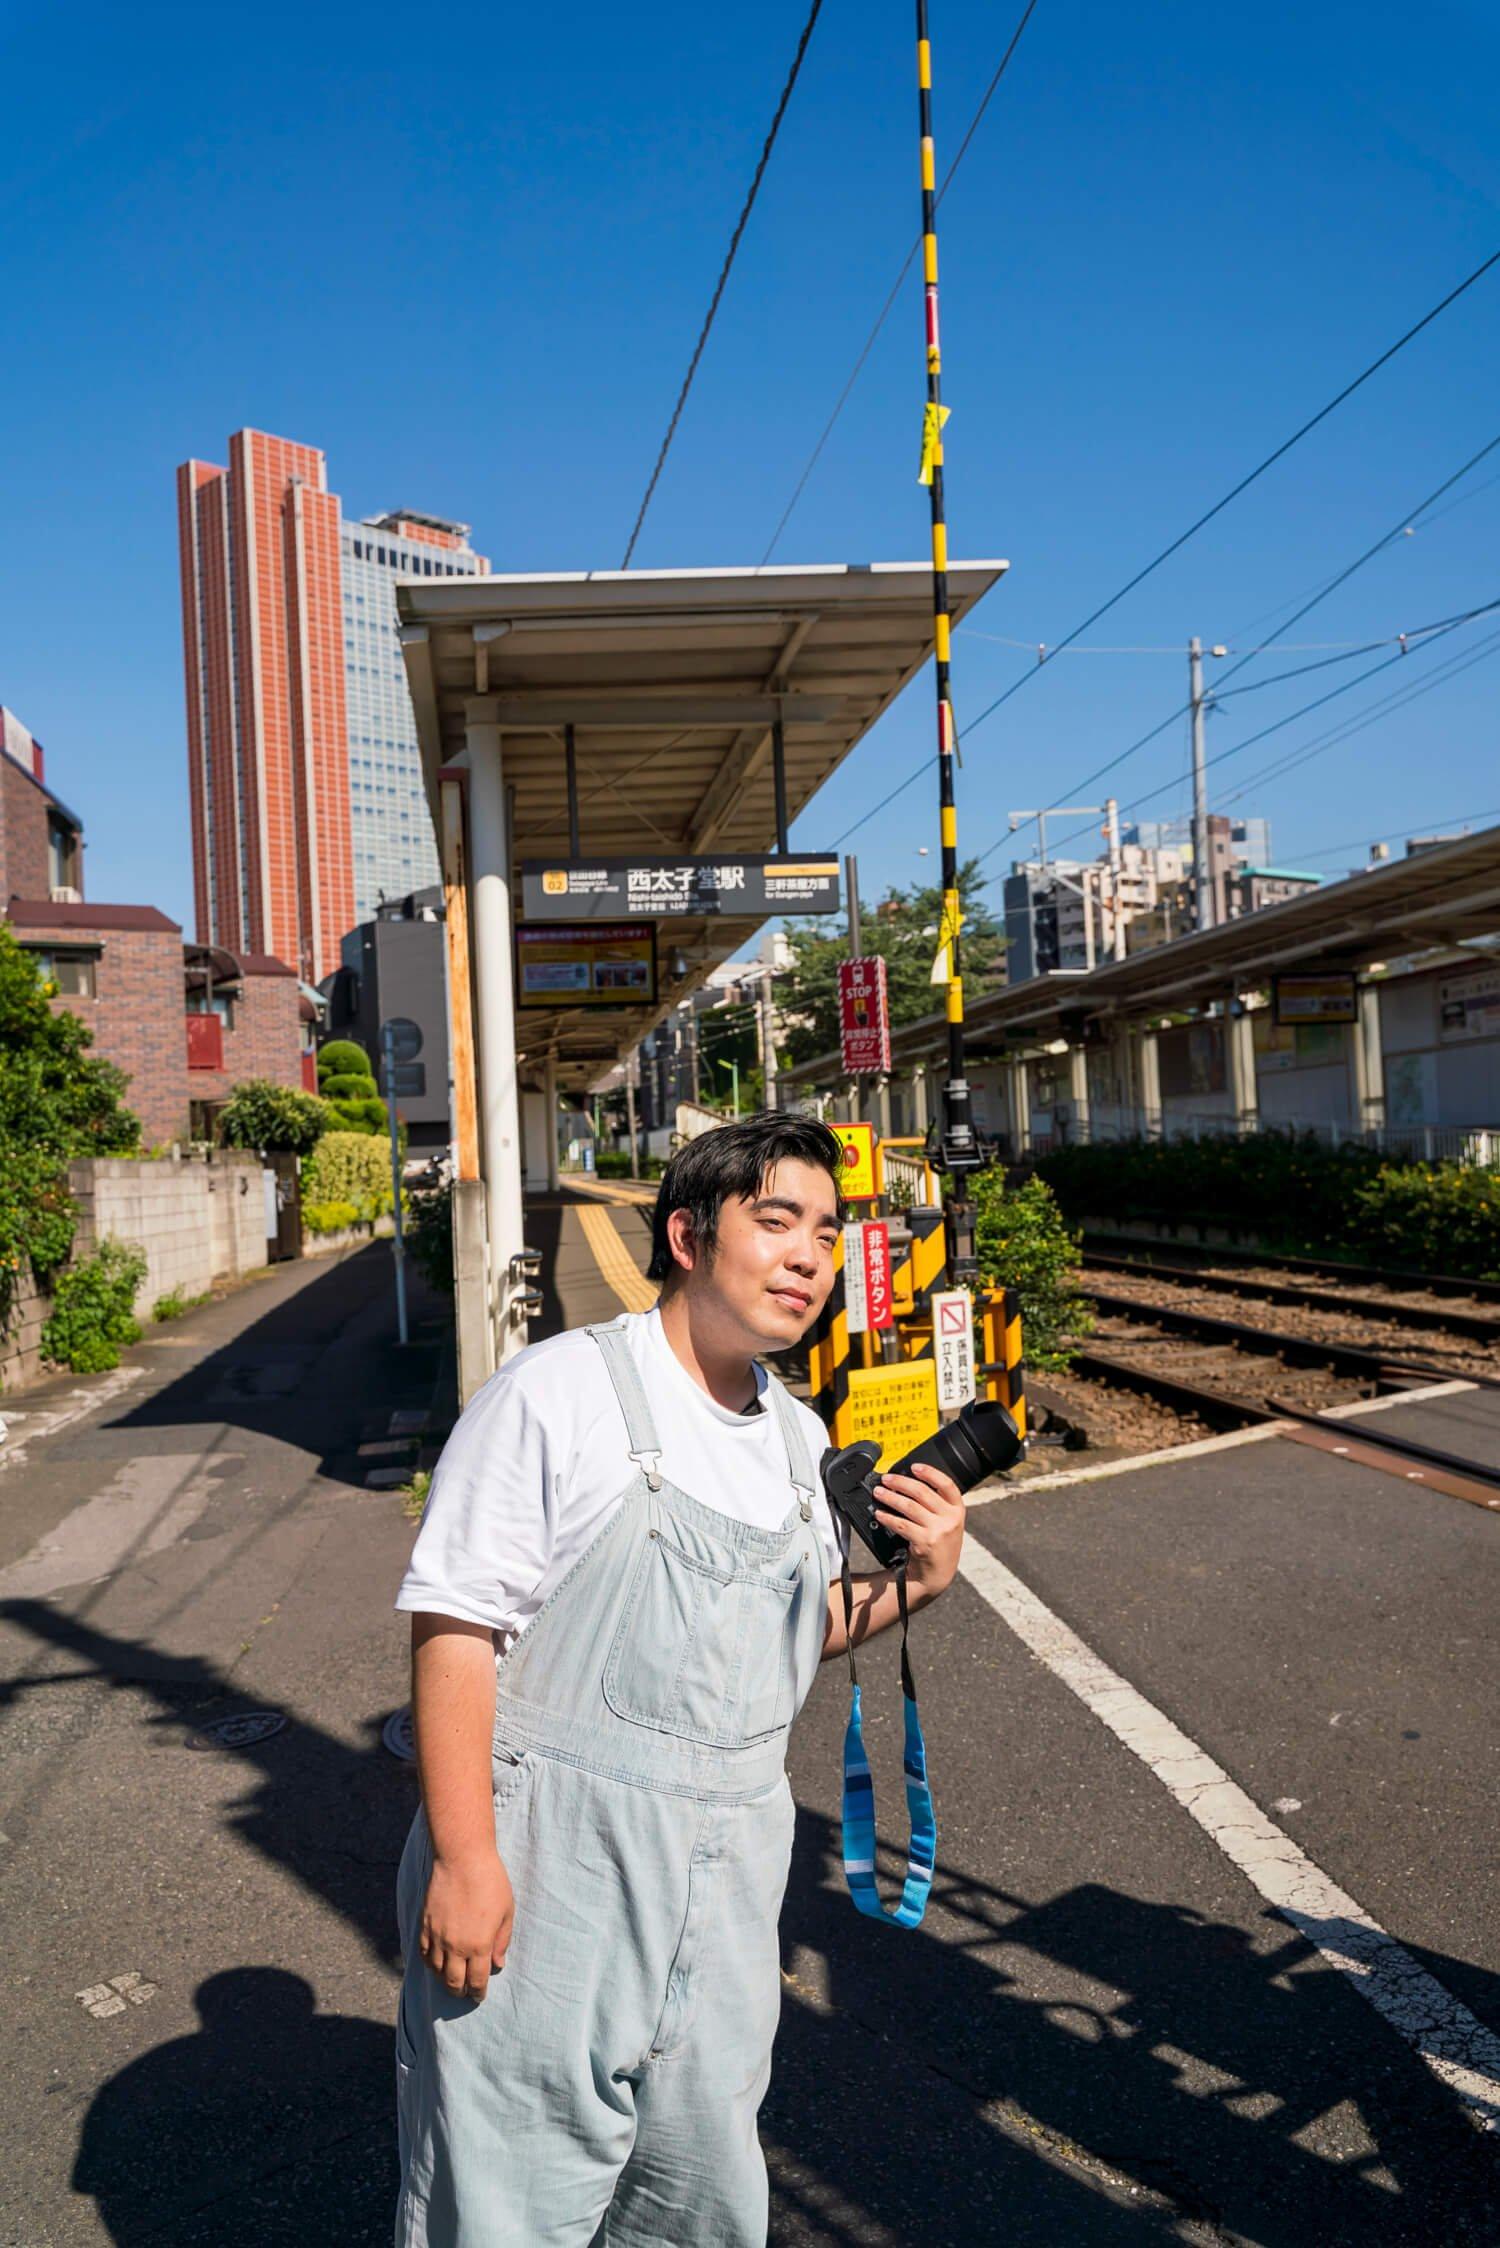 西太子堂駅にて。安全な場所を確保すると、「来た電車はとりあえず全部撮っちゃう!」。「電車の顔が斜めに傾く線路のカーブが好き。カーブを探しながら散策してます」。